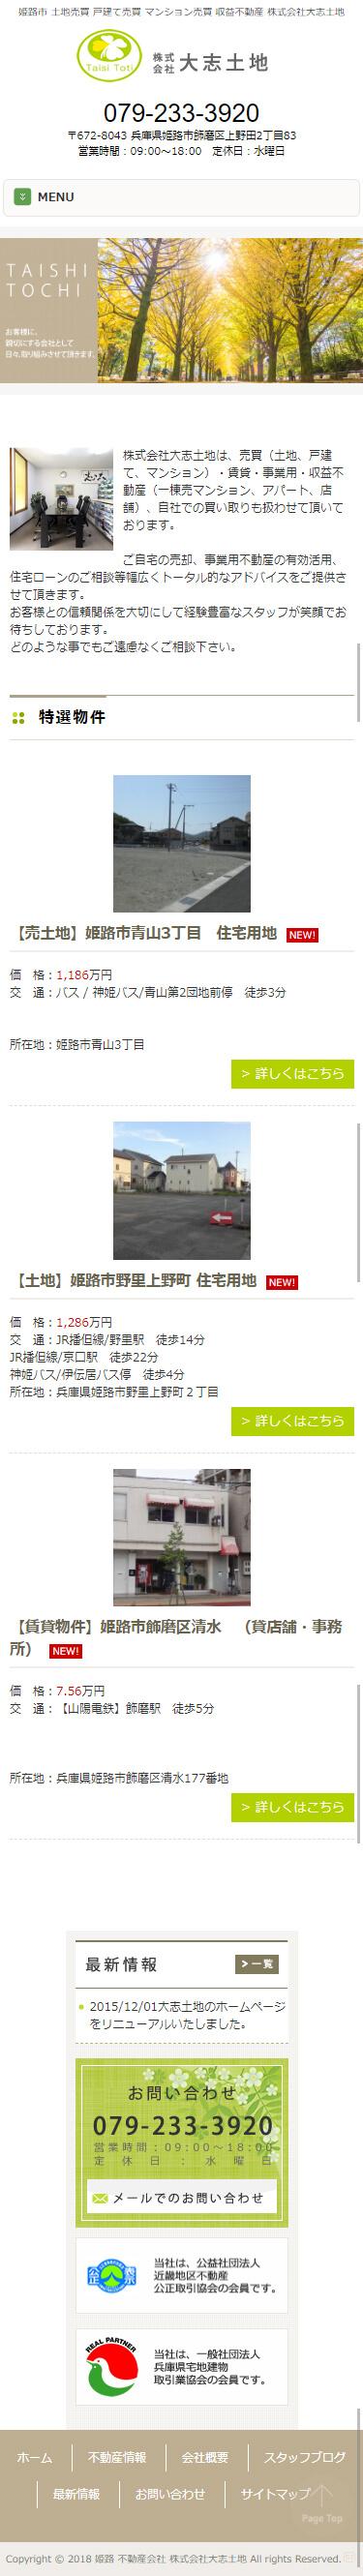 姫路市 株式会社大志土地様 ホームページ制作3